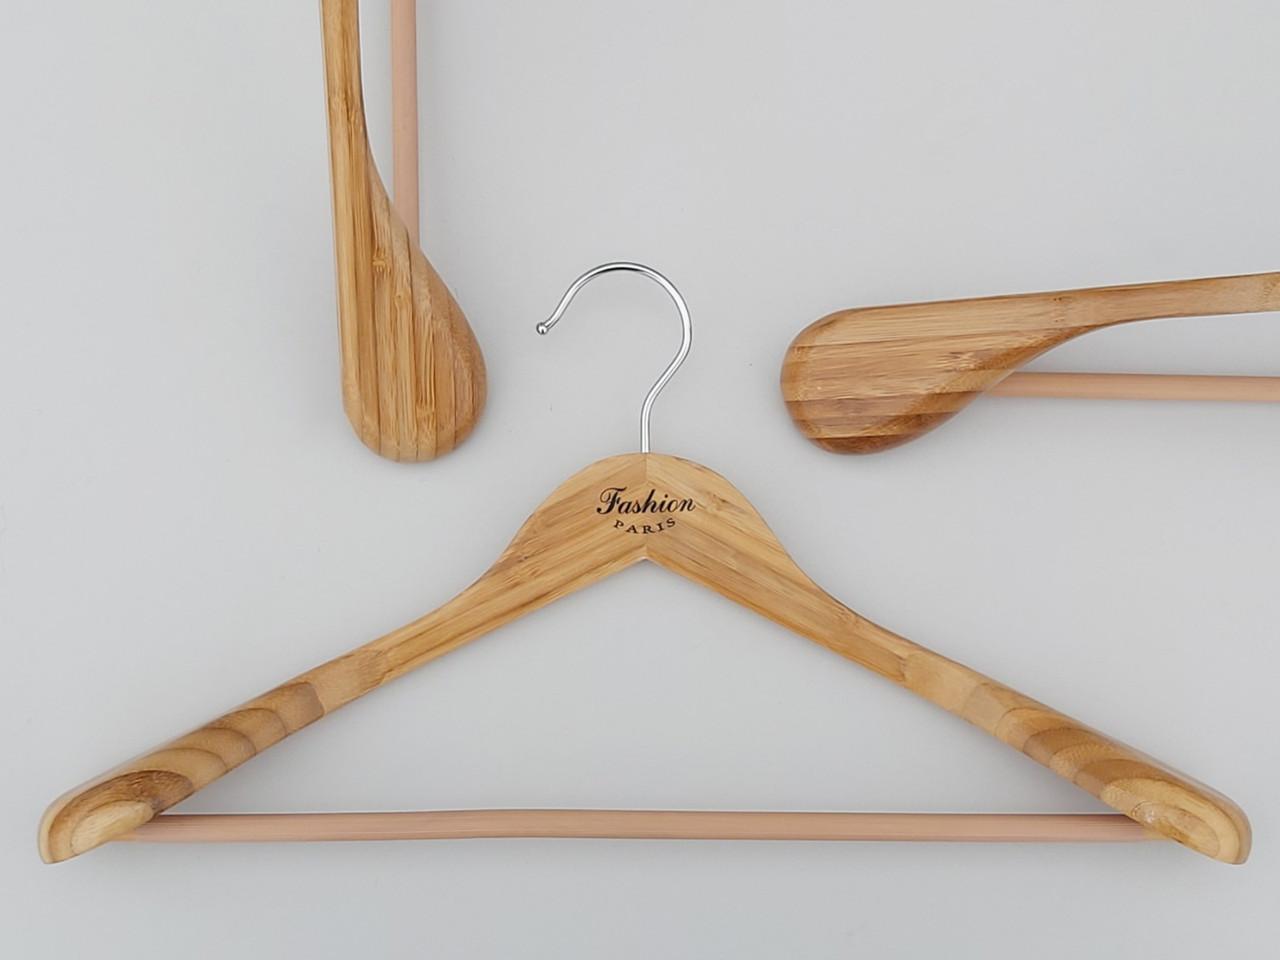 Плечики длиной 45 см вешалки бамбуковые широкие Fashion с антискользящей перекладиной